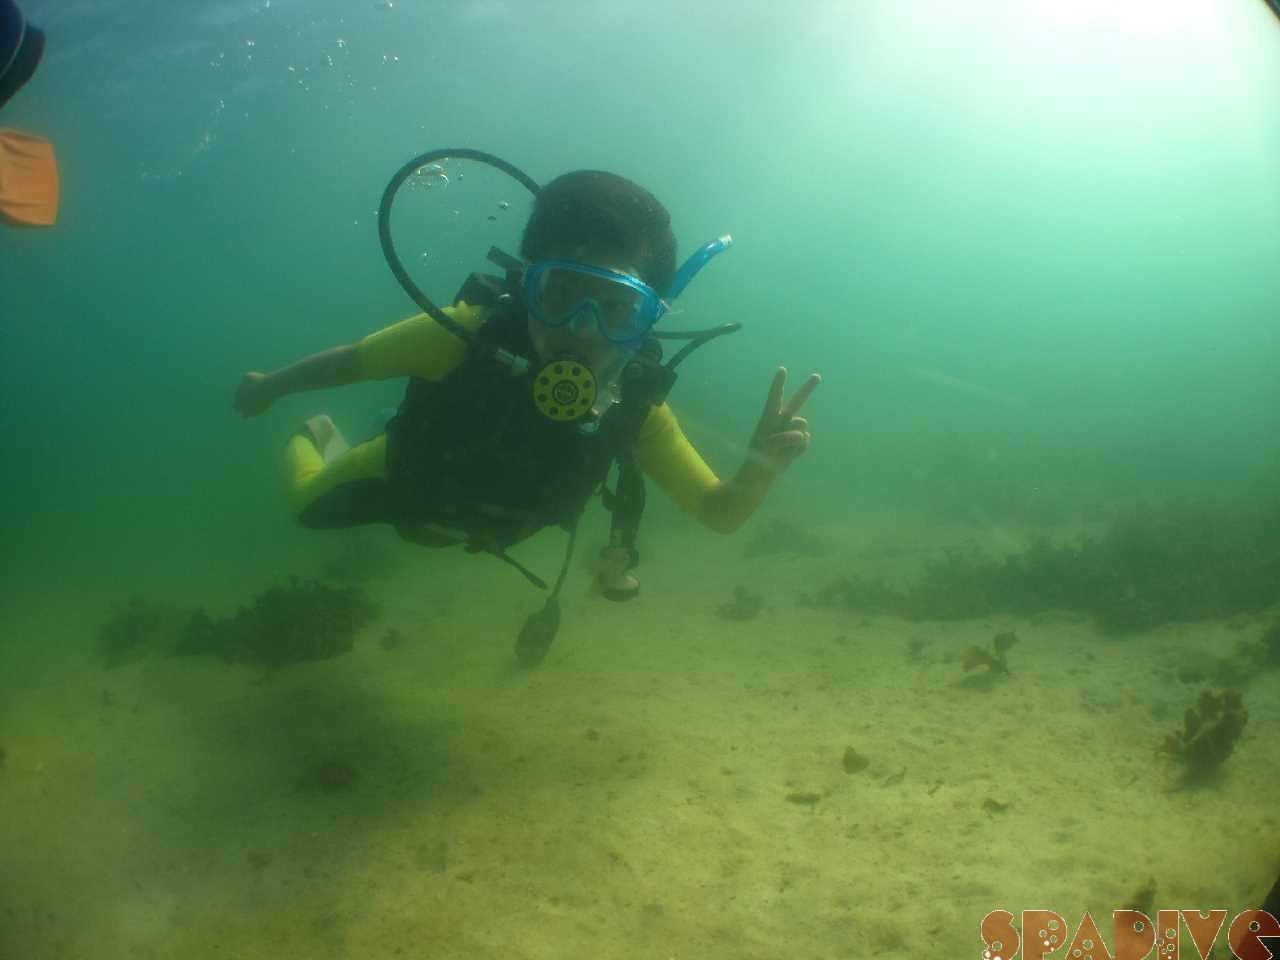 白浜権現崎8月の水中画 像8